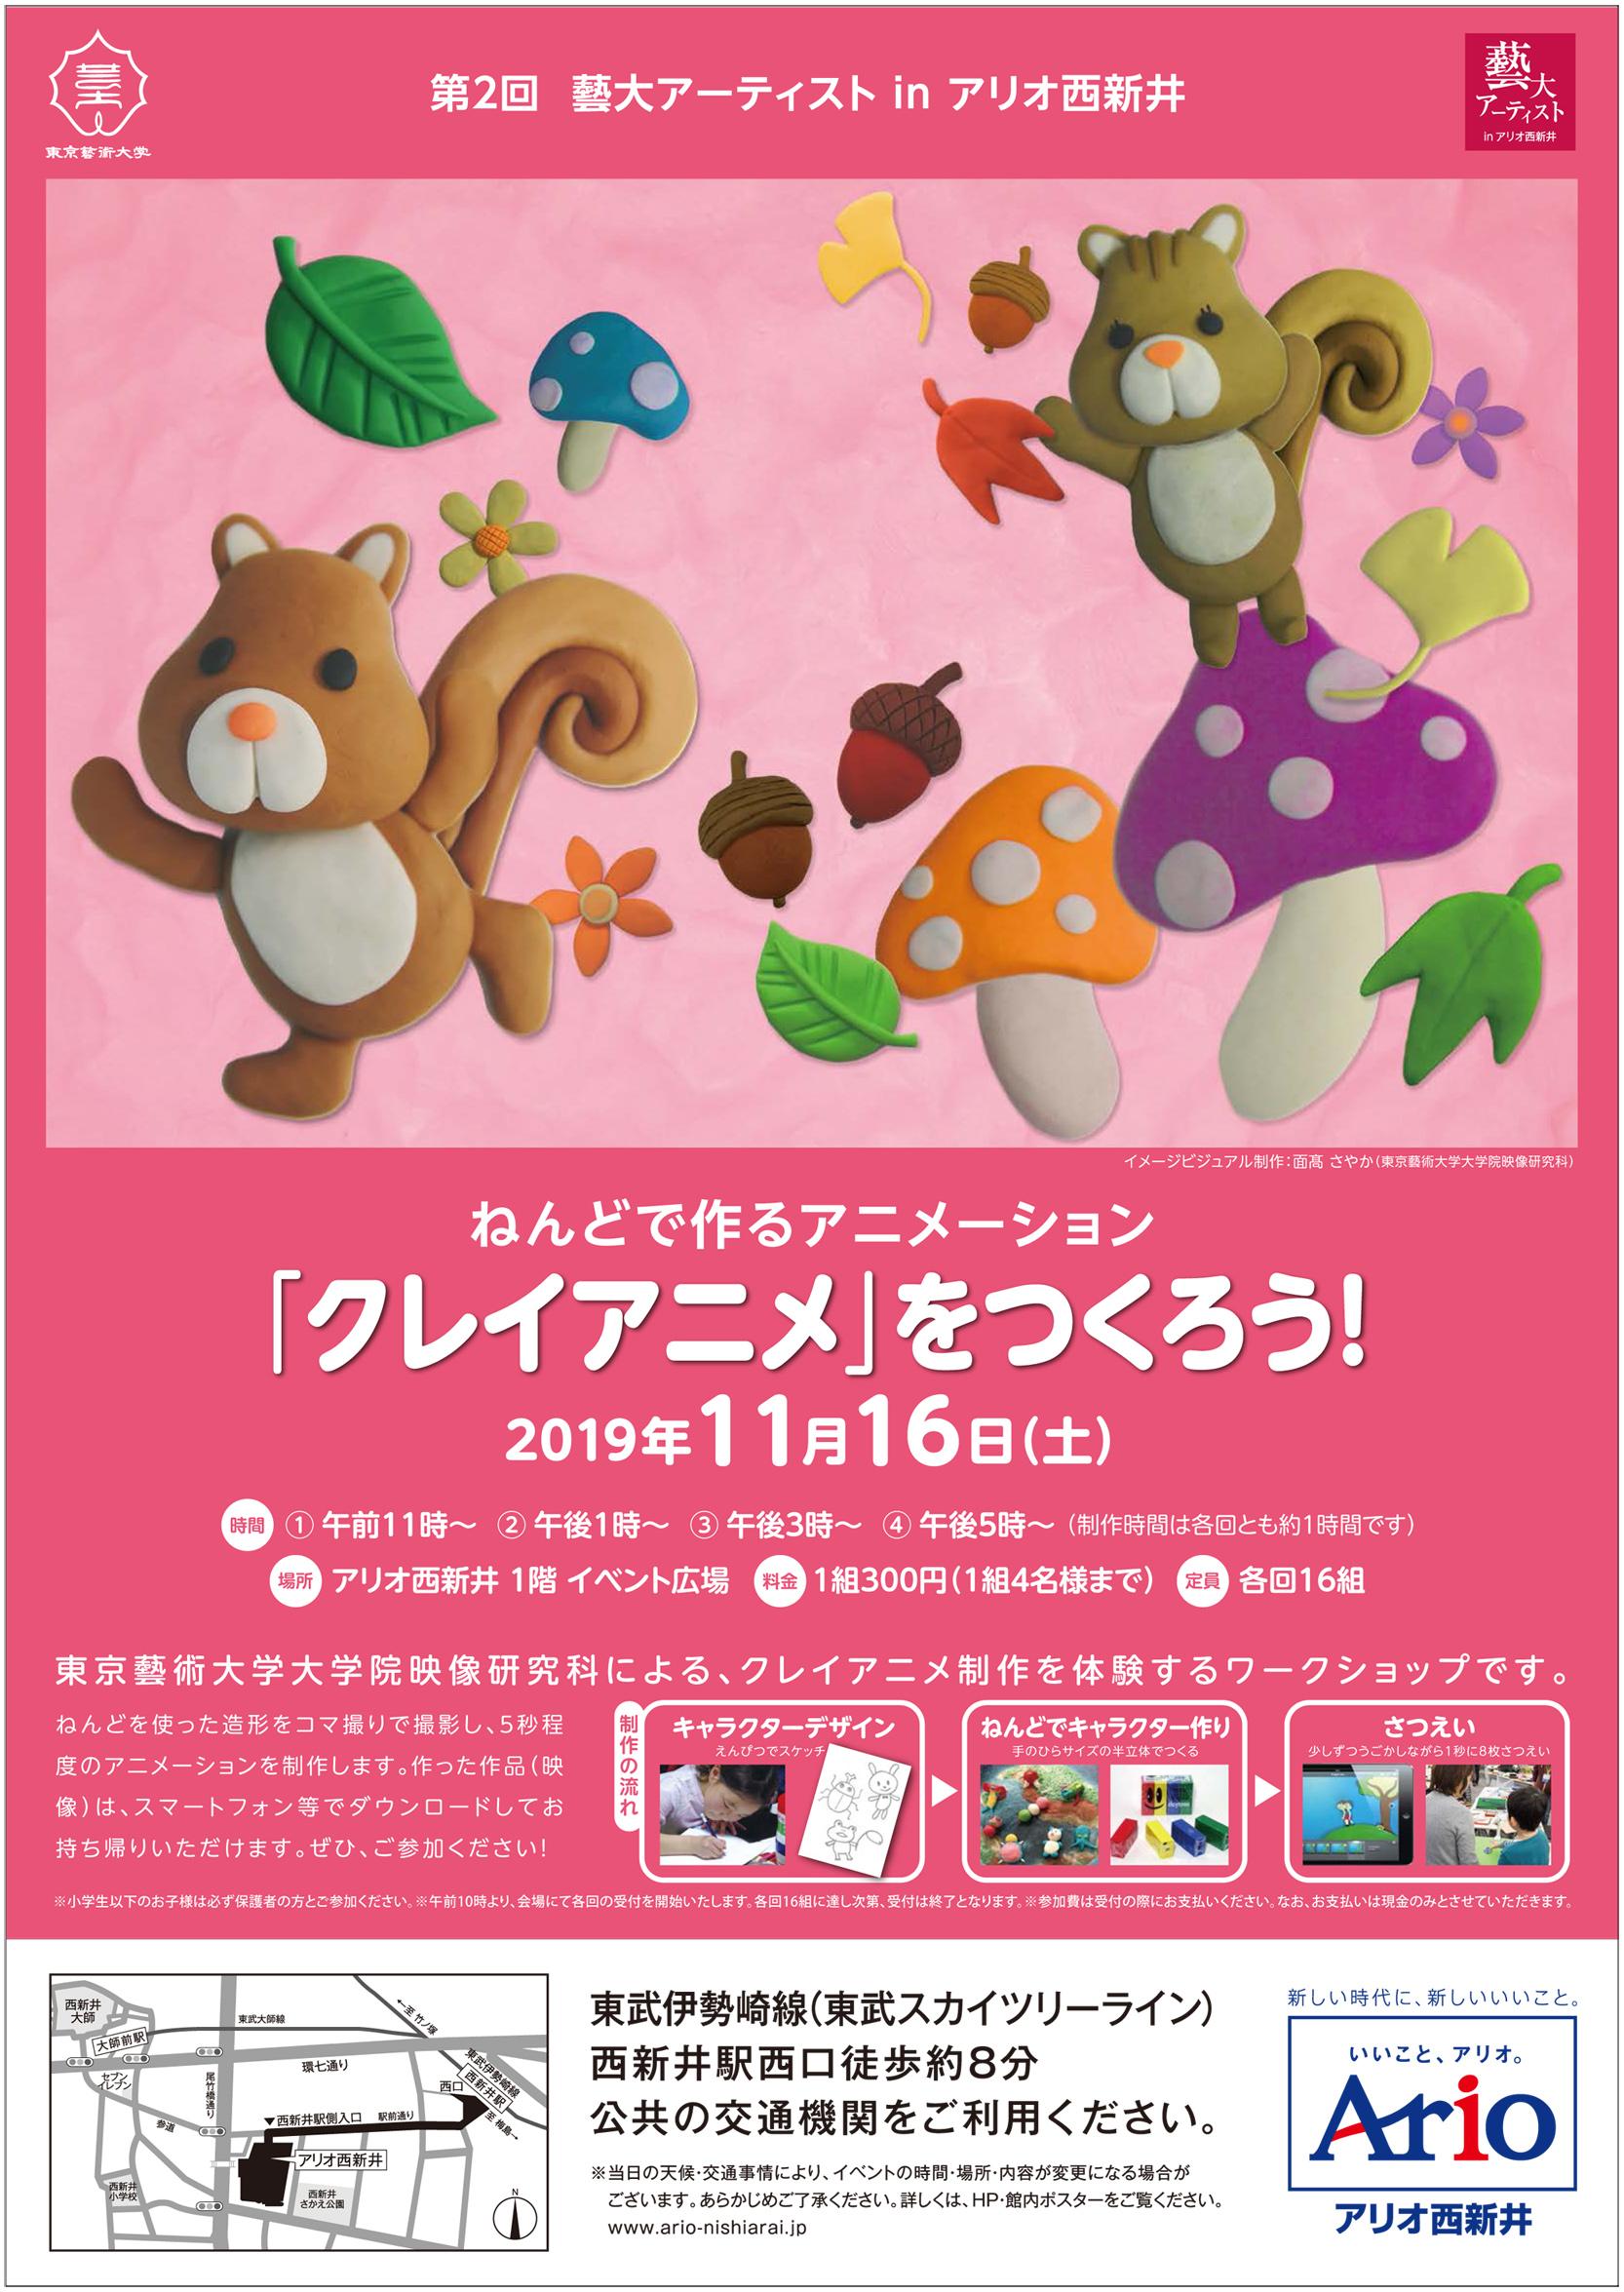 11/16(土)アリオ西新井「クレイアニメ」をつくろう!